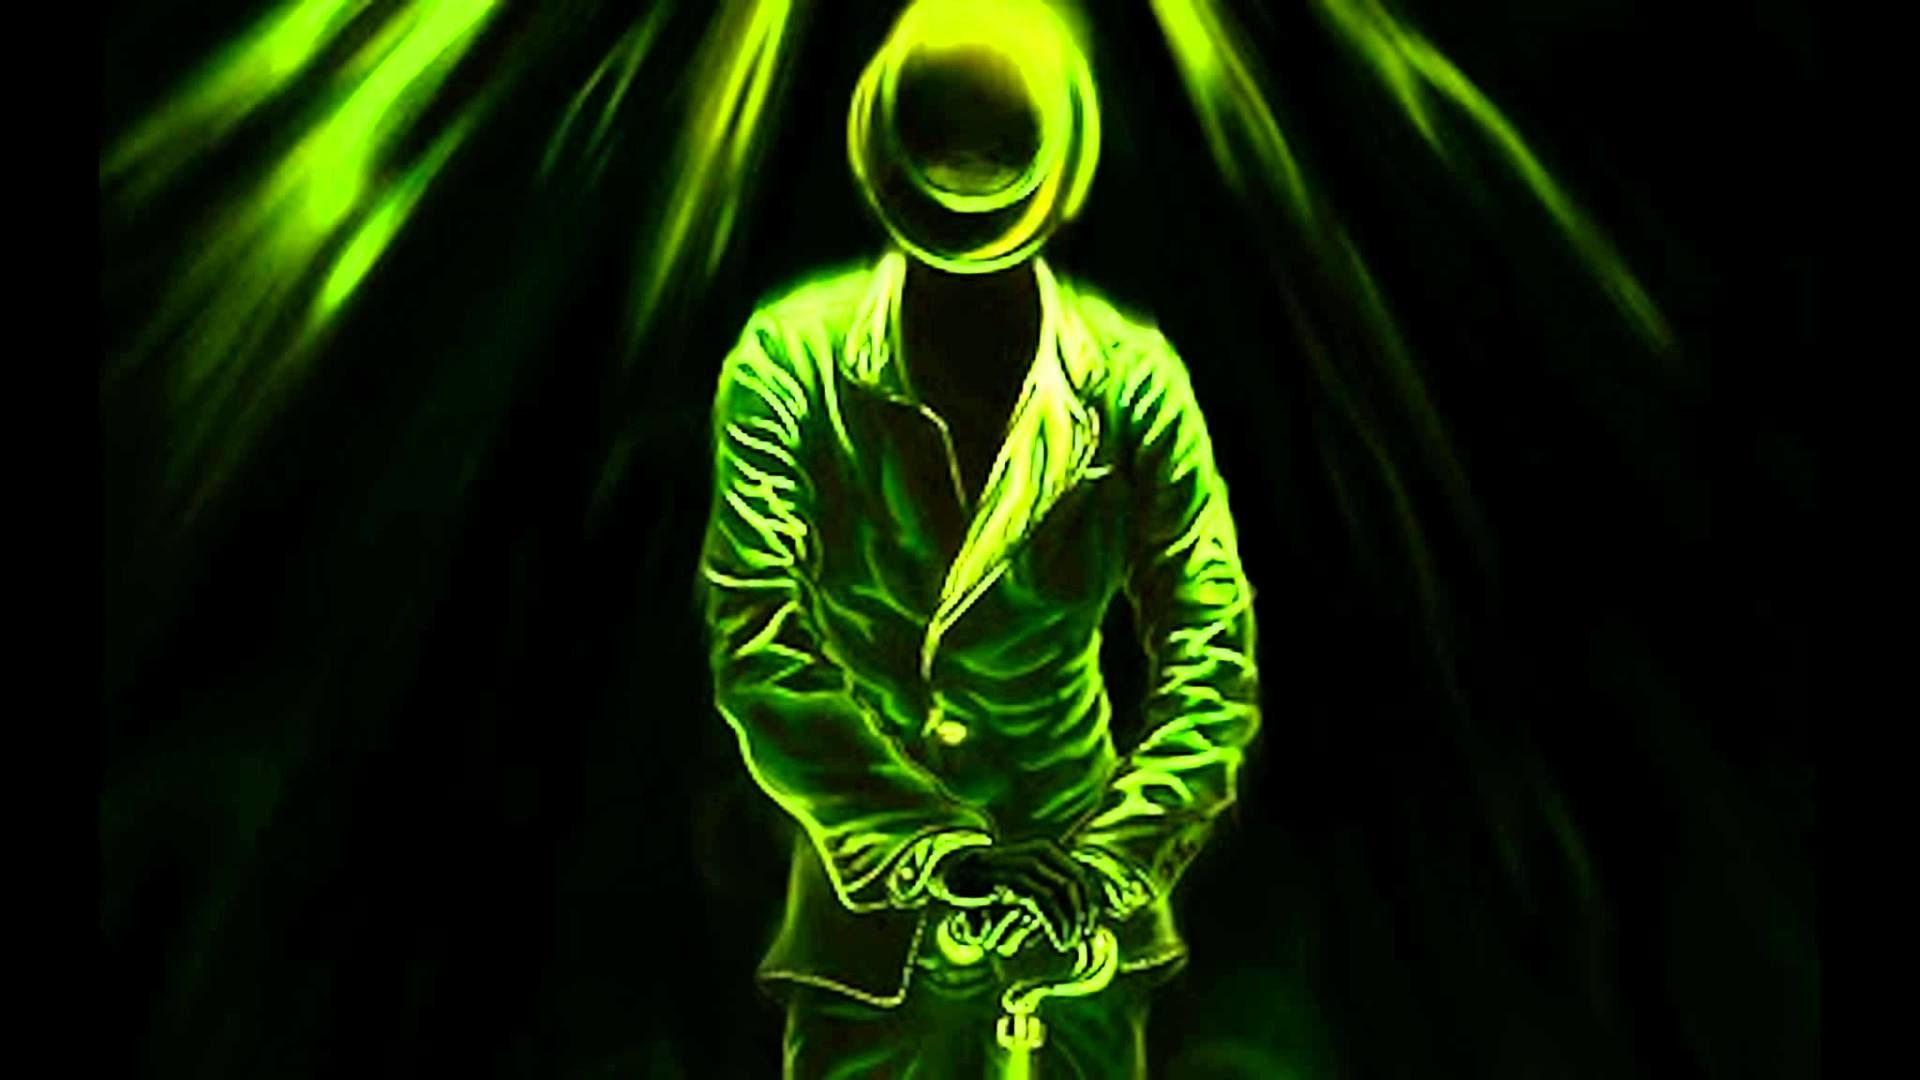 Pr-energy.info